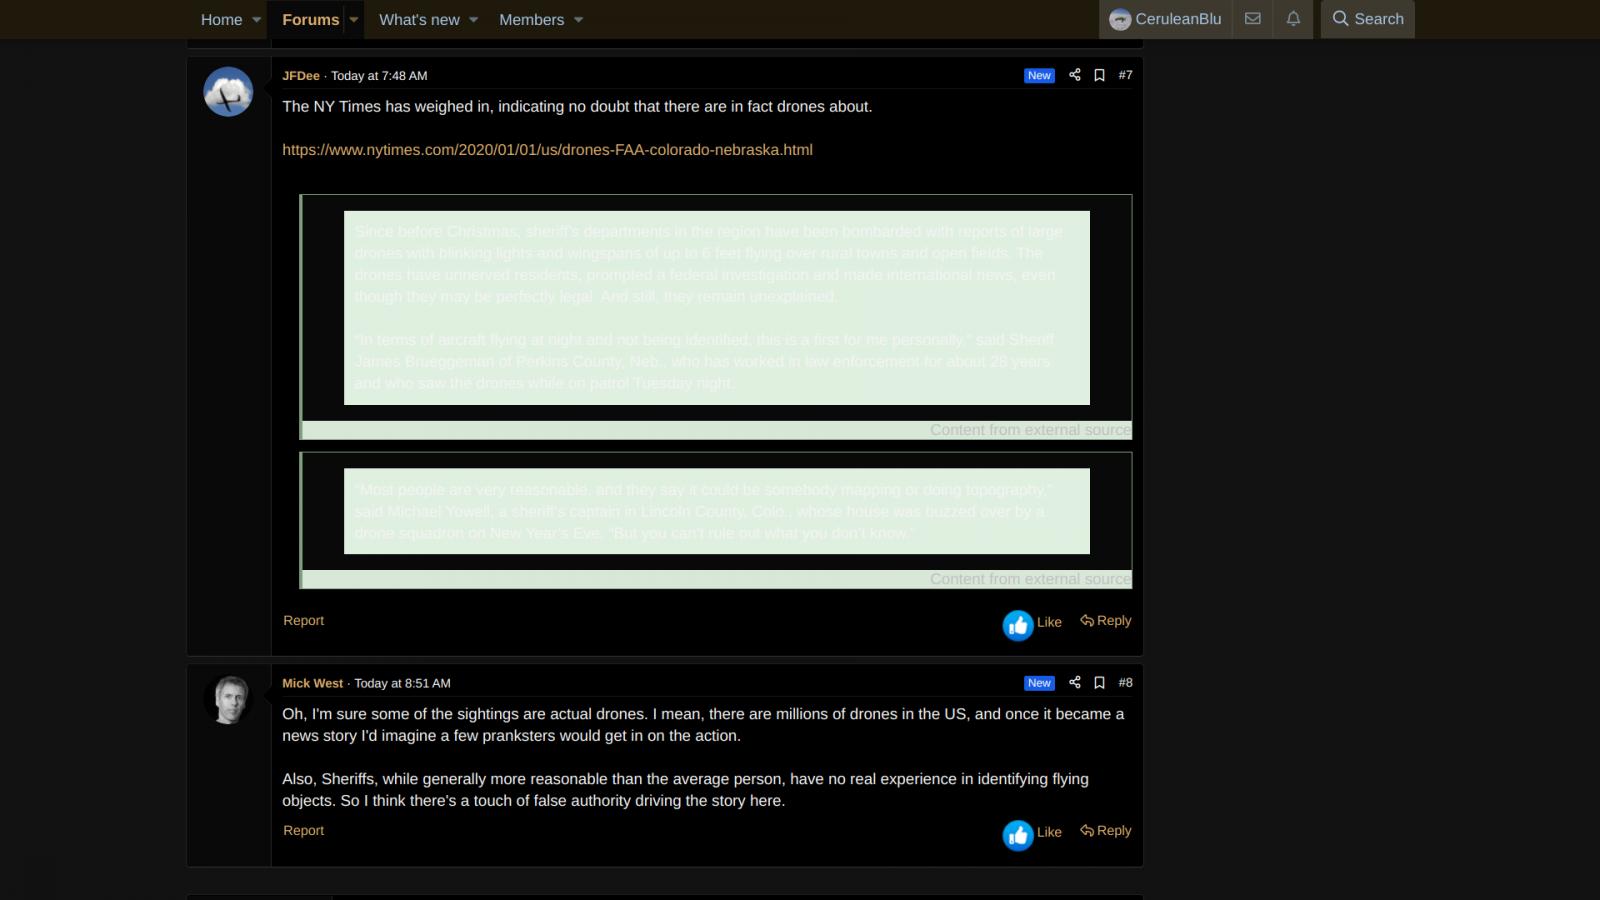 Screenshot 2020-01-02 at 12.25.50.png